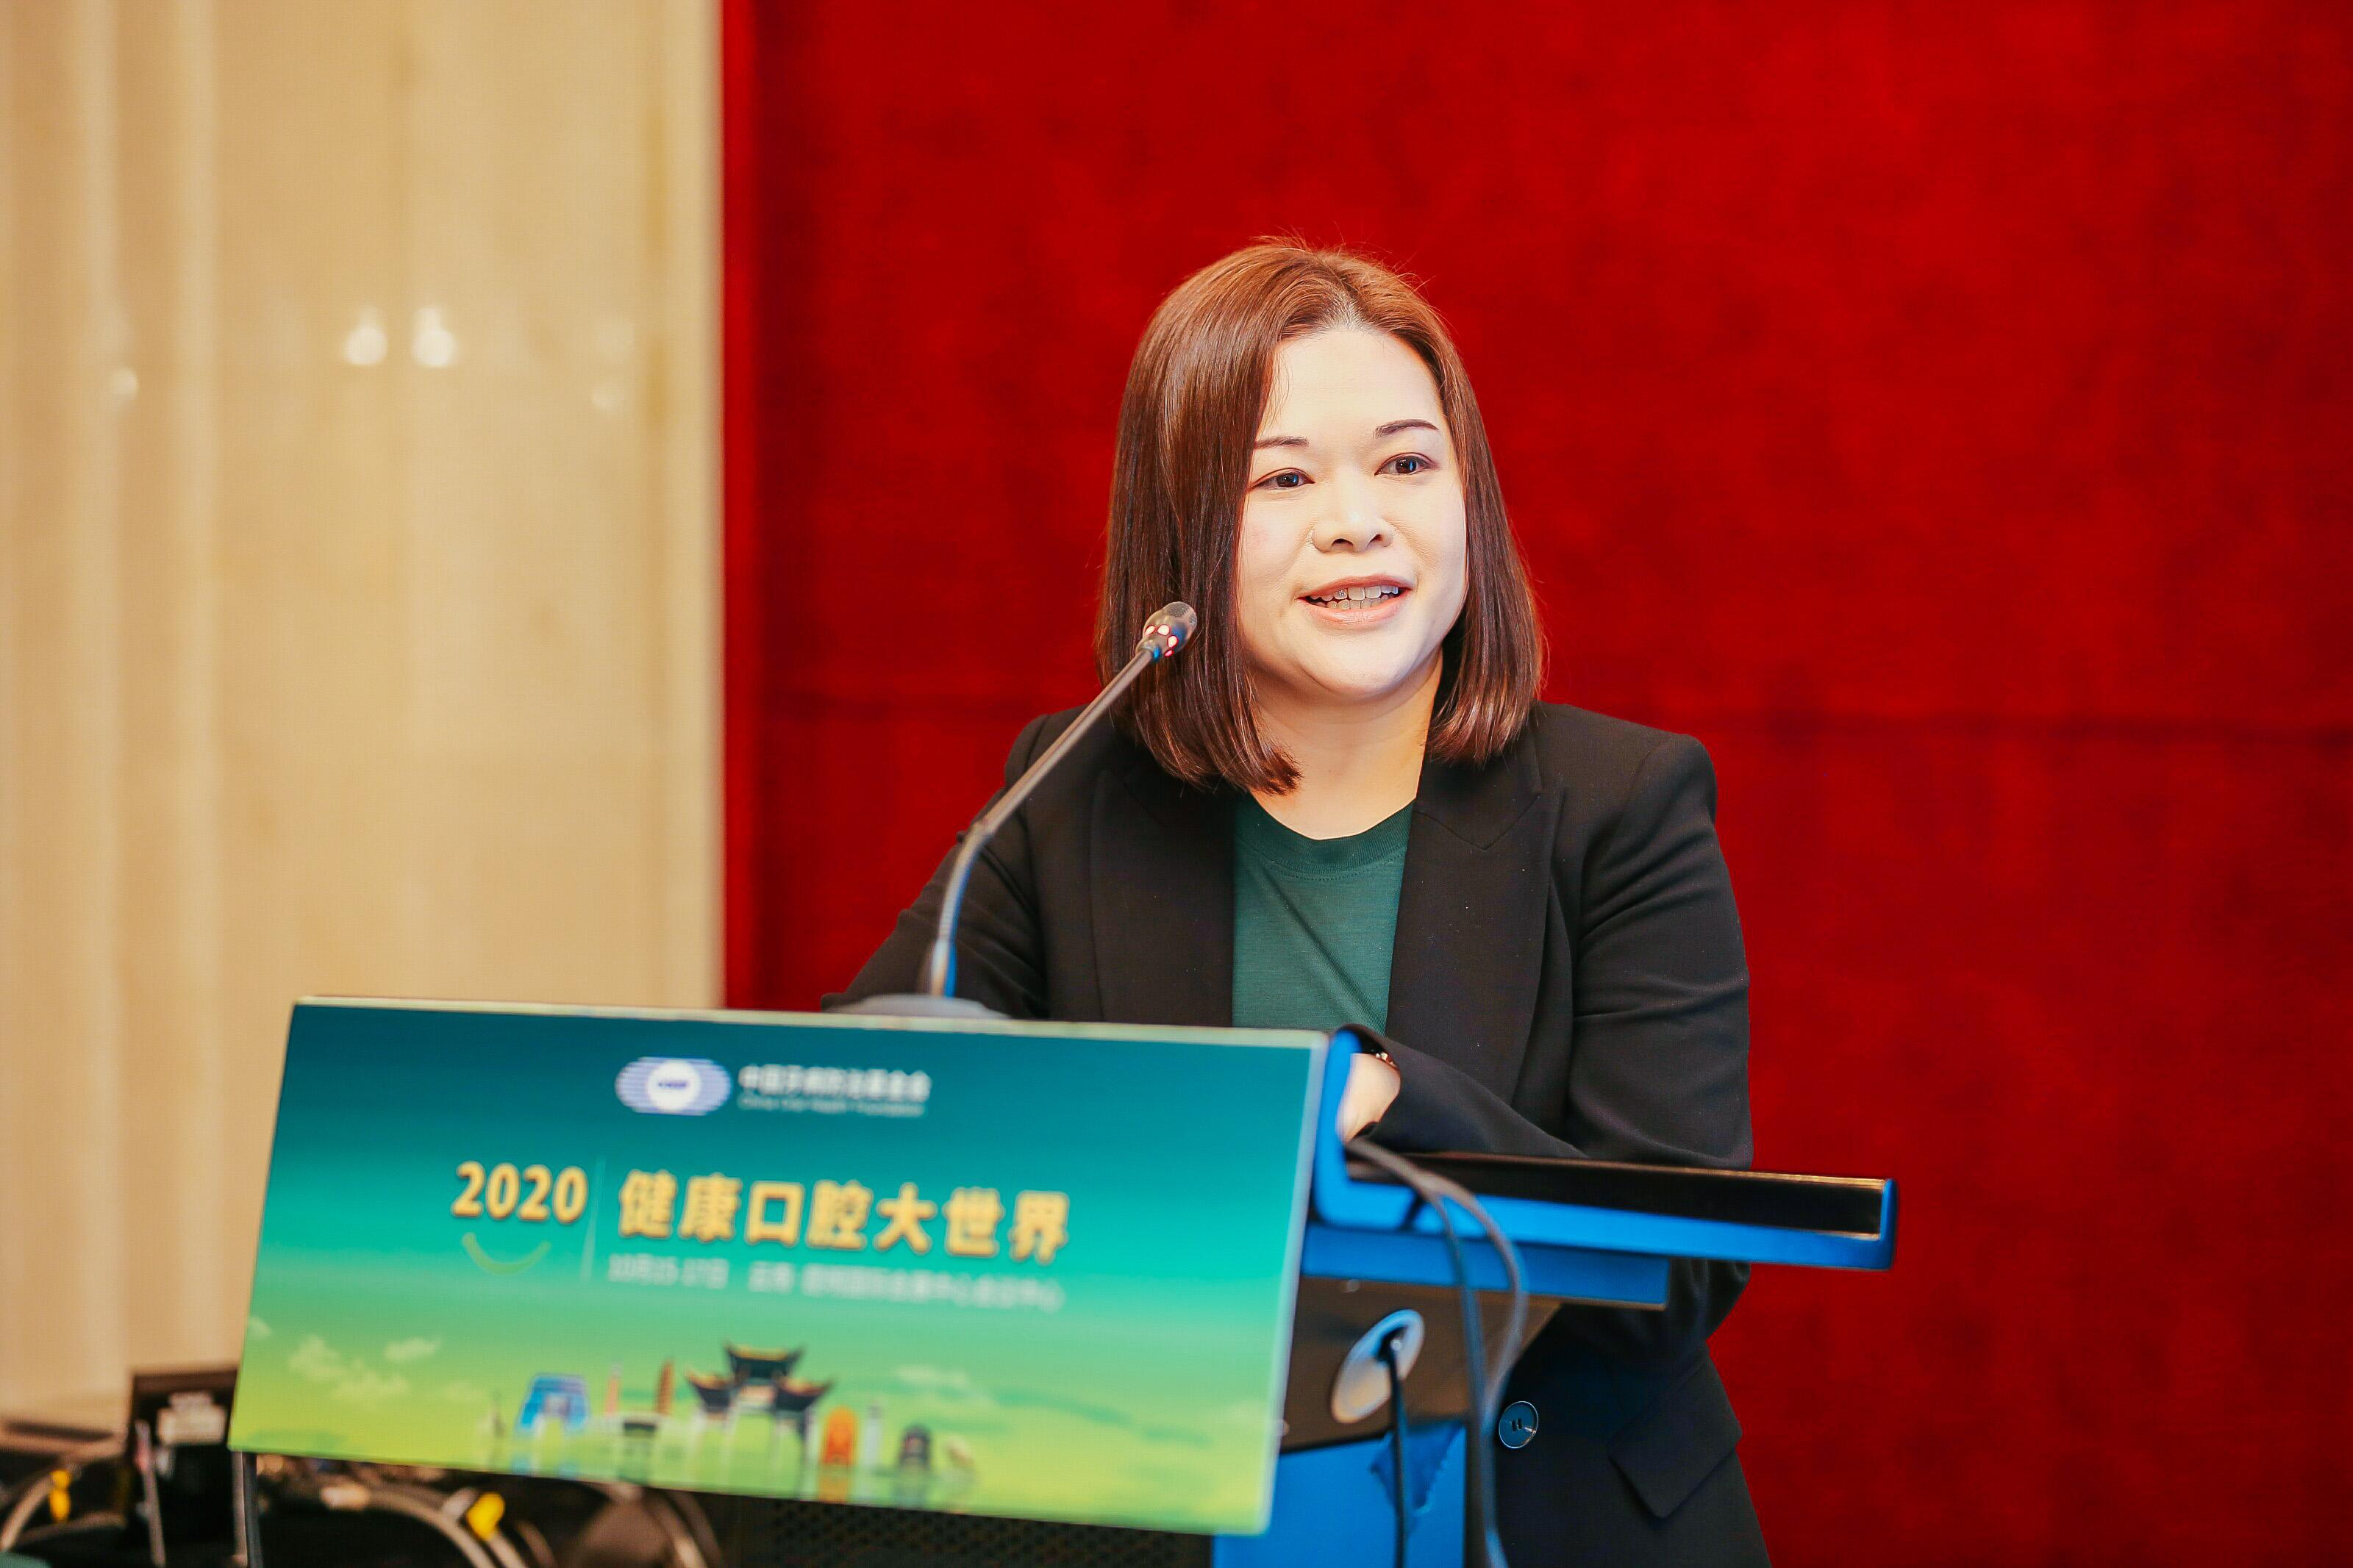 """中国牙病防治基金会与爱齐科技携手启动""""爱笑少年""""公益项目  关爱儿童青少年口腔健康插图(2)"""